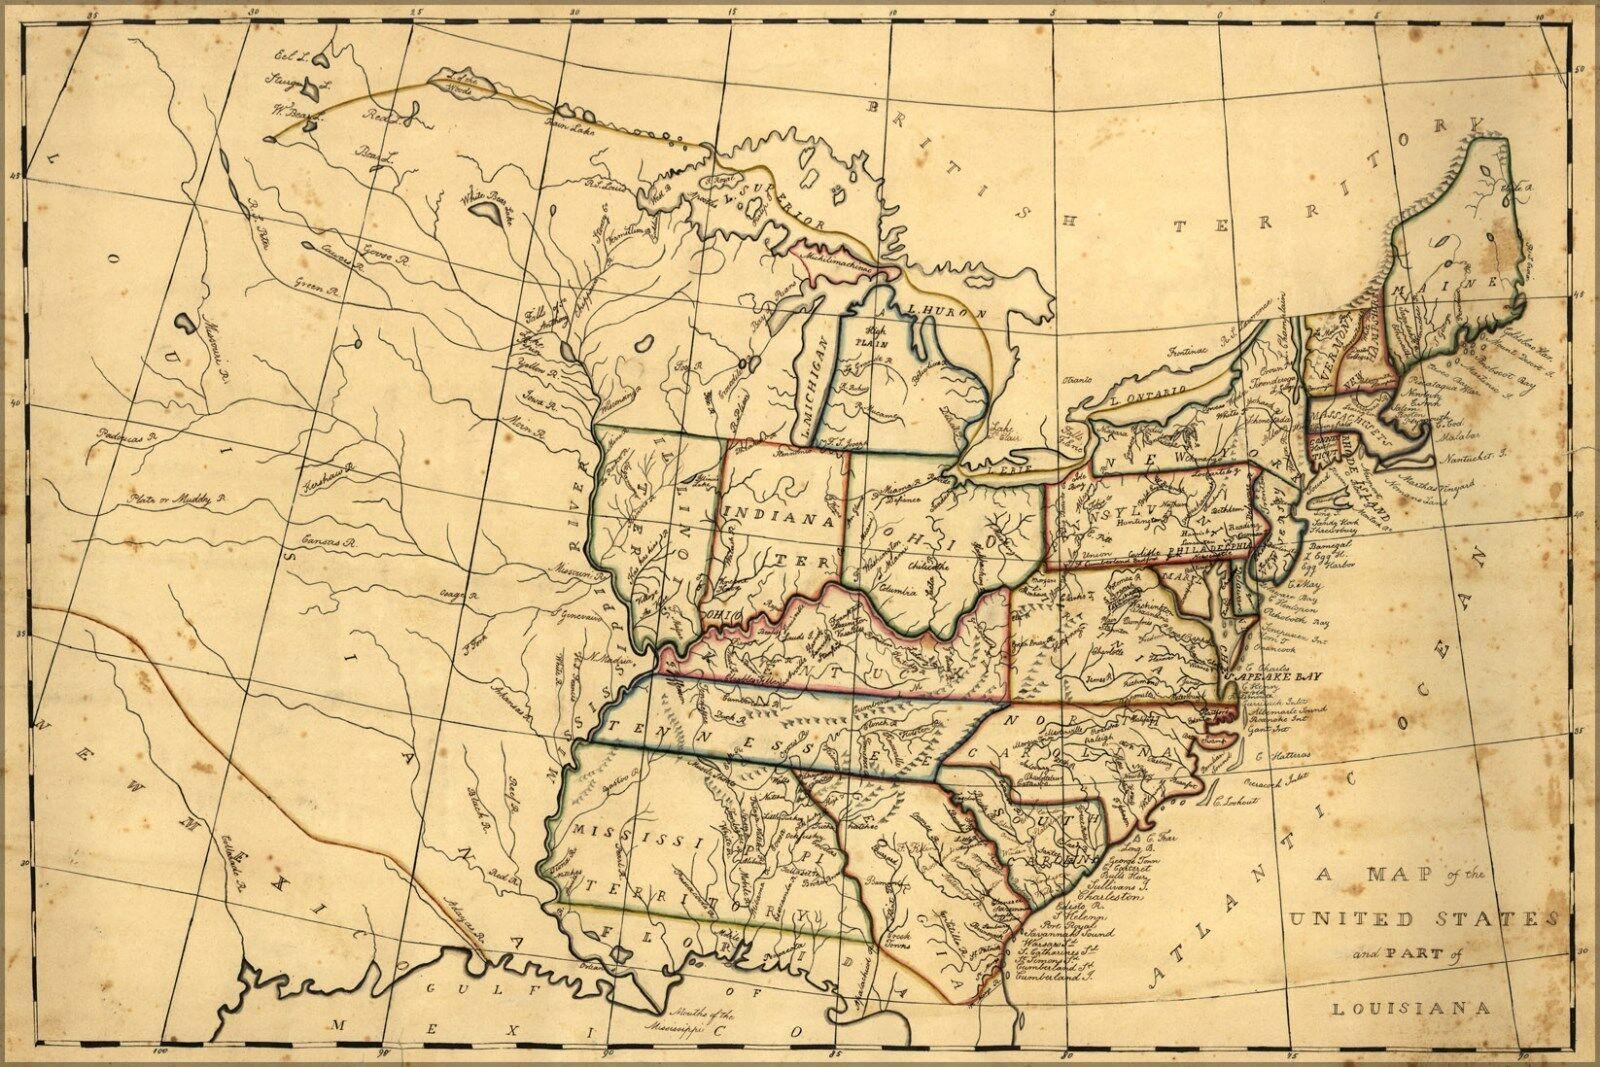 Plakat, Viele Größen; Landkarte der Vereinigte Staaten 1830